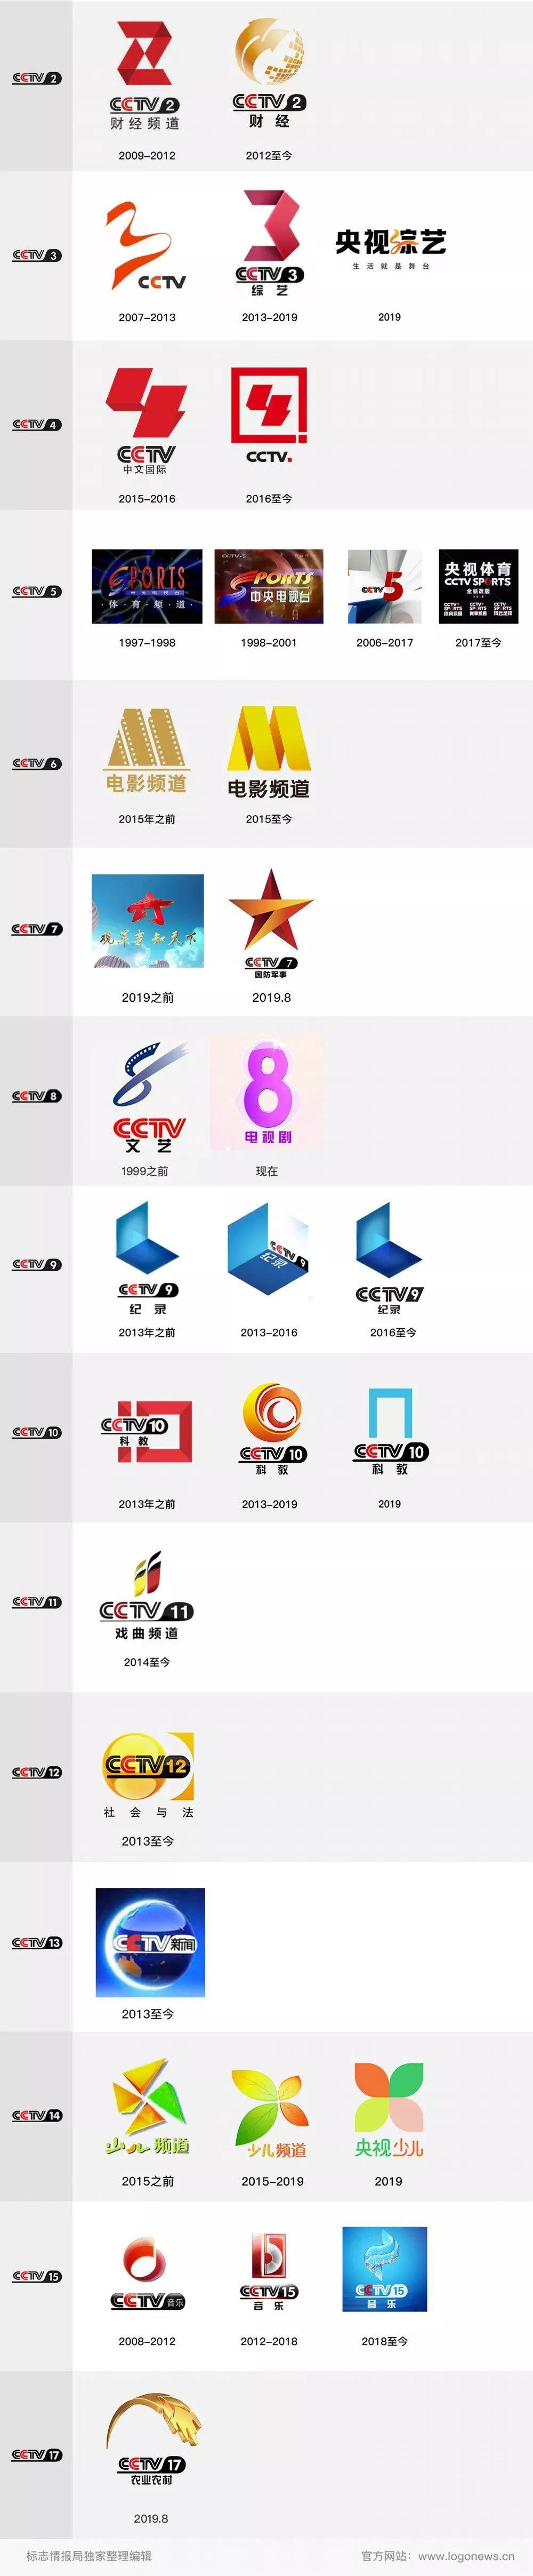 CCTV各大频道独立LOGO新旧总汇